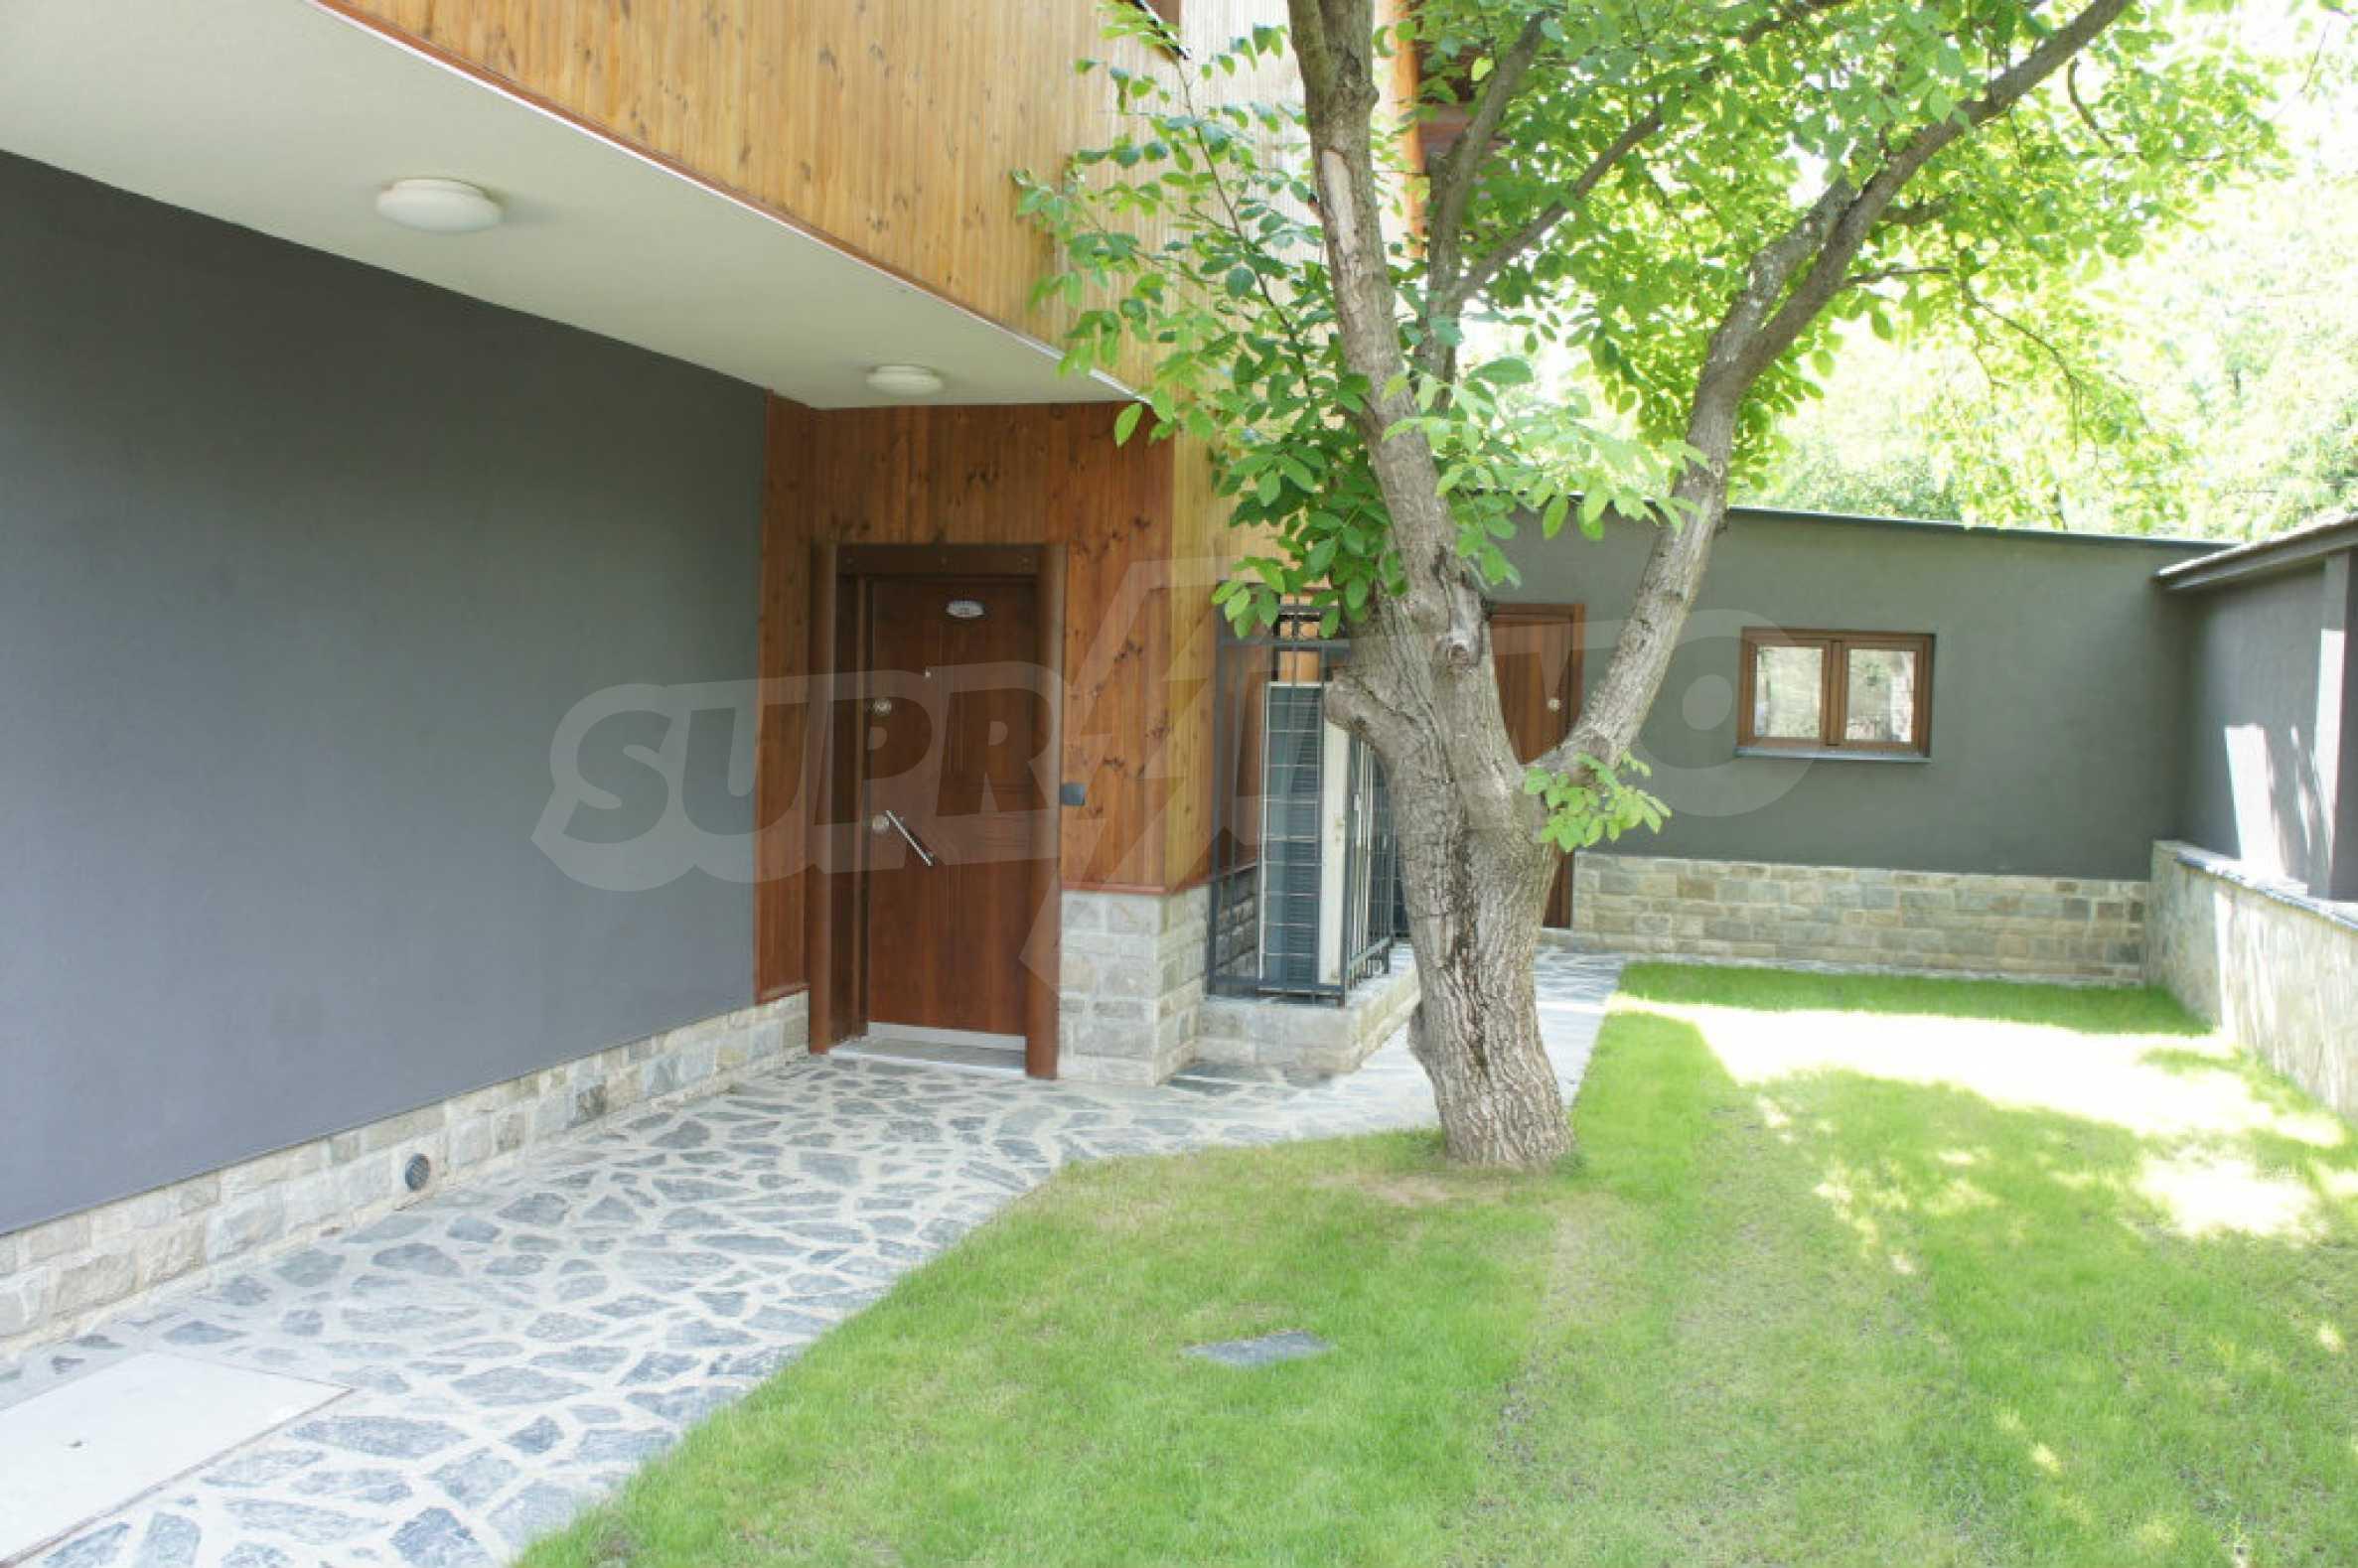 Gästehaus in der Nähe von Sofia! 55